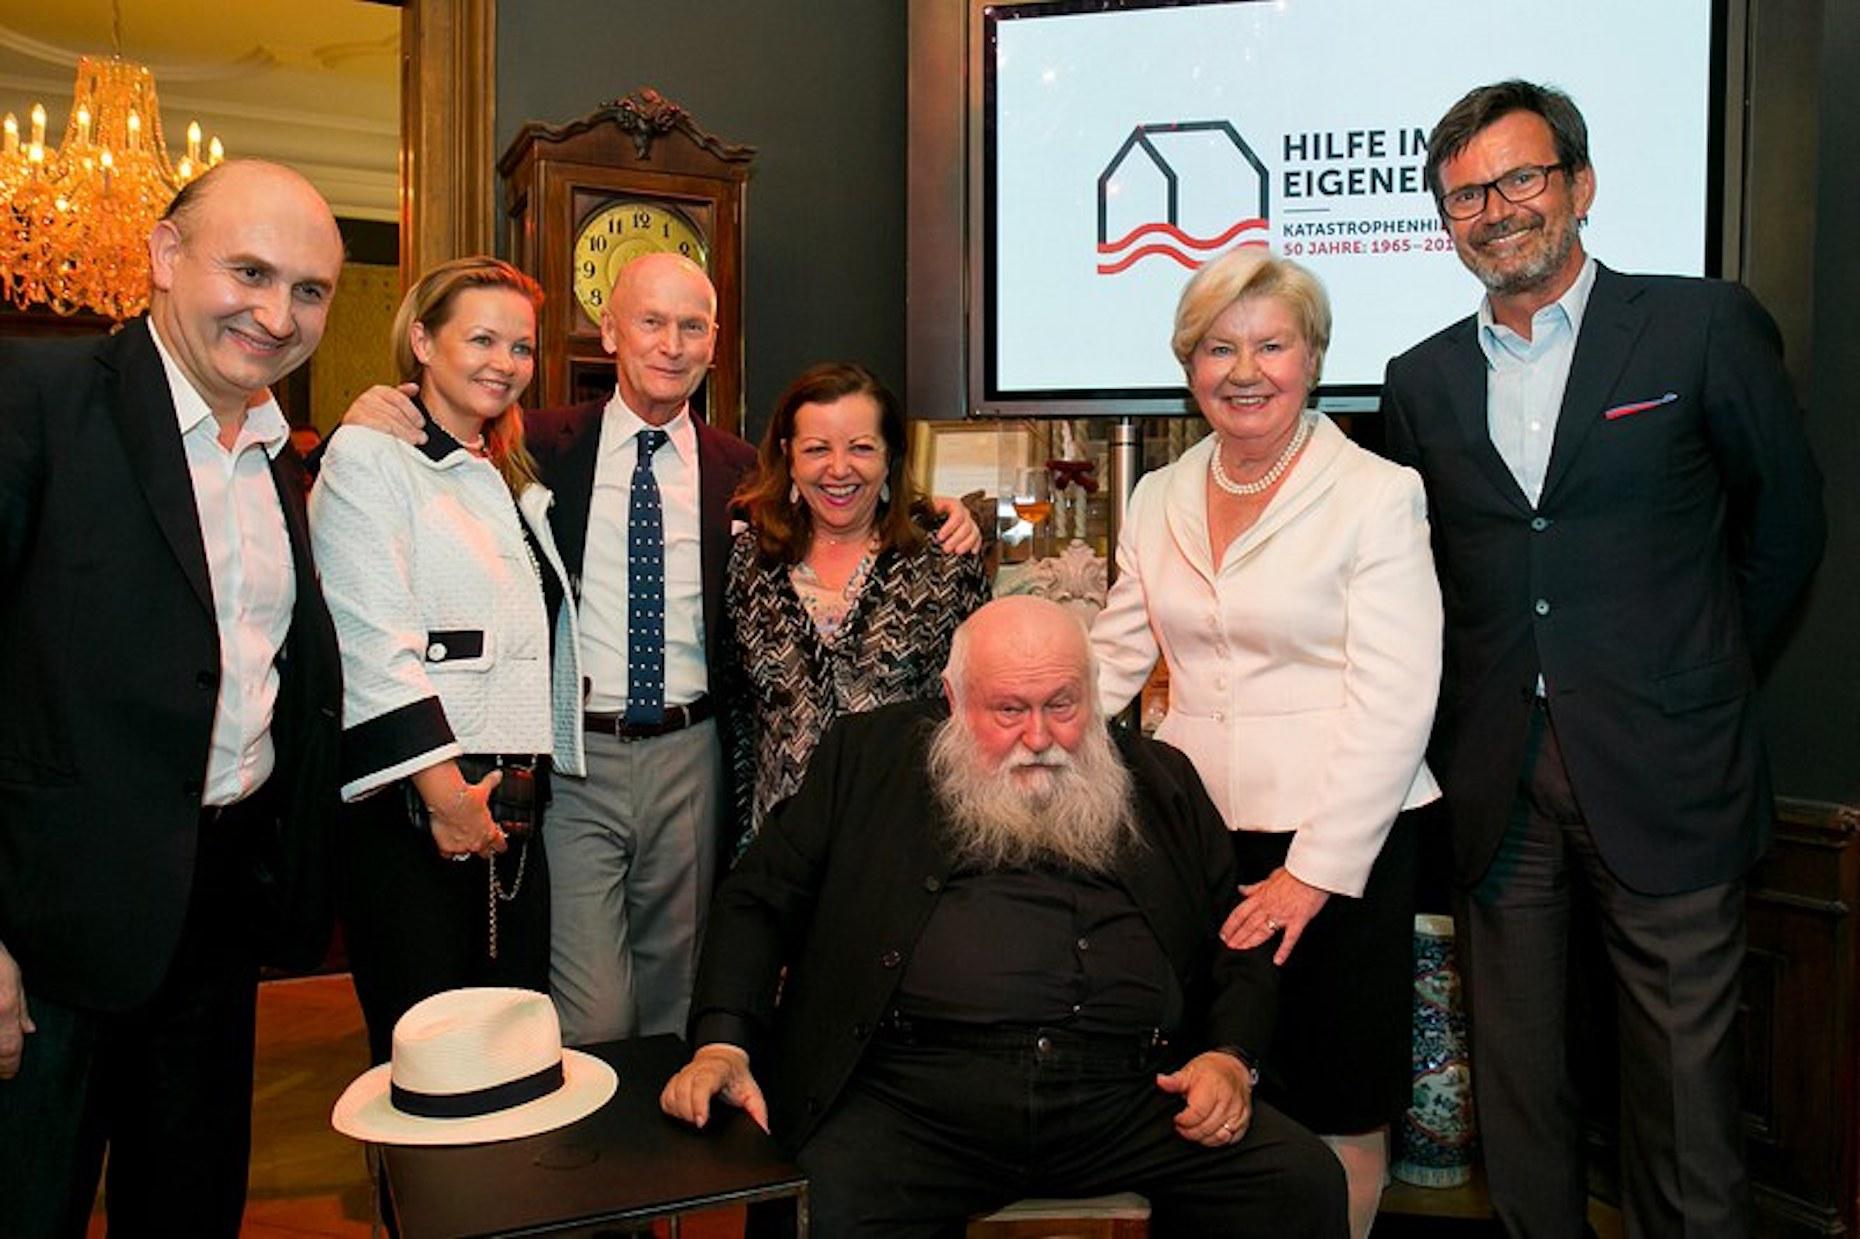 Charity-Auktion: Ali Rahimi und Sissi Pröll versteigern Nitsch-Teppich um 100.000 Euro